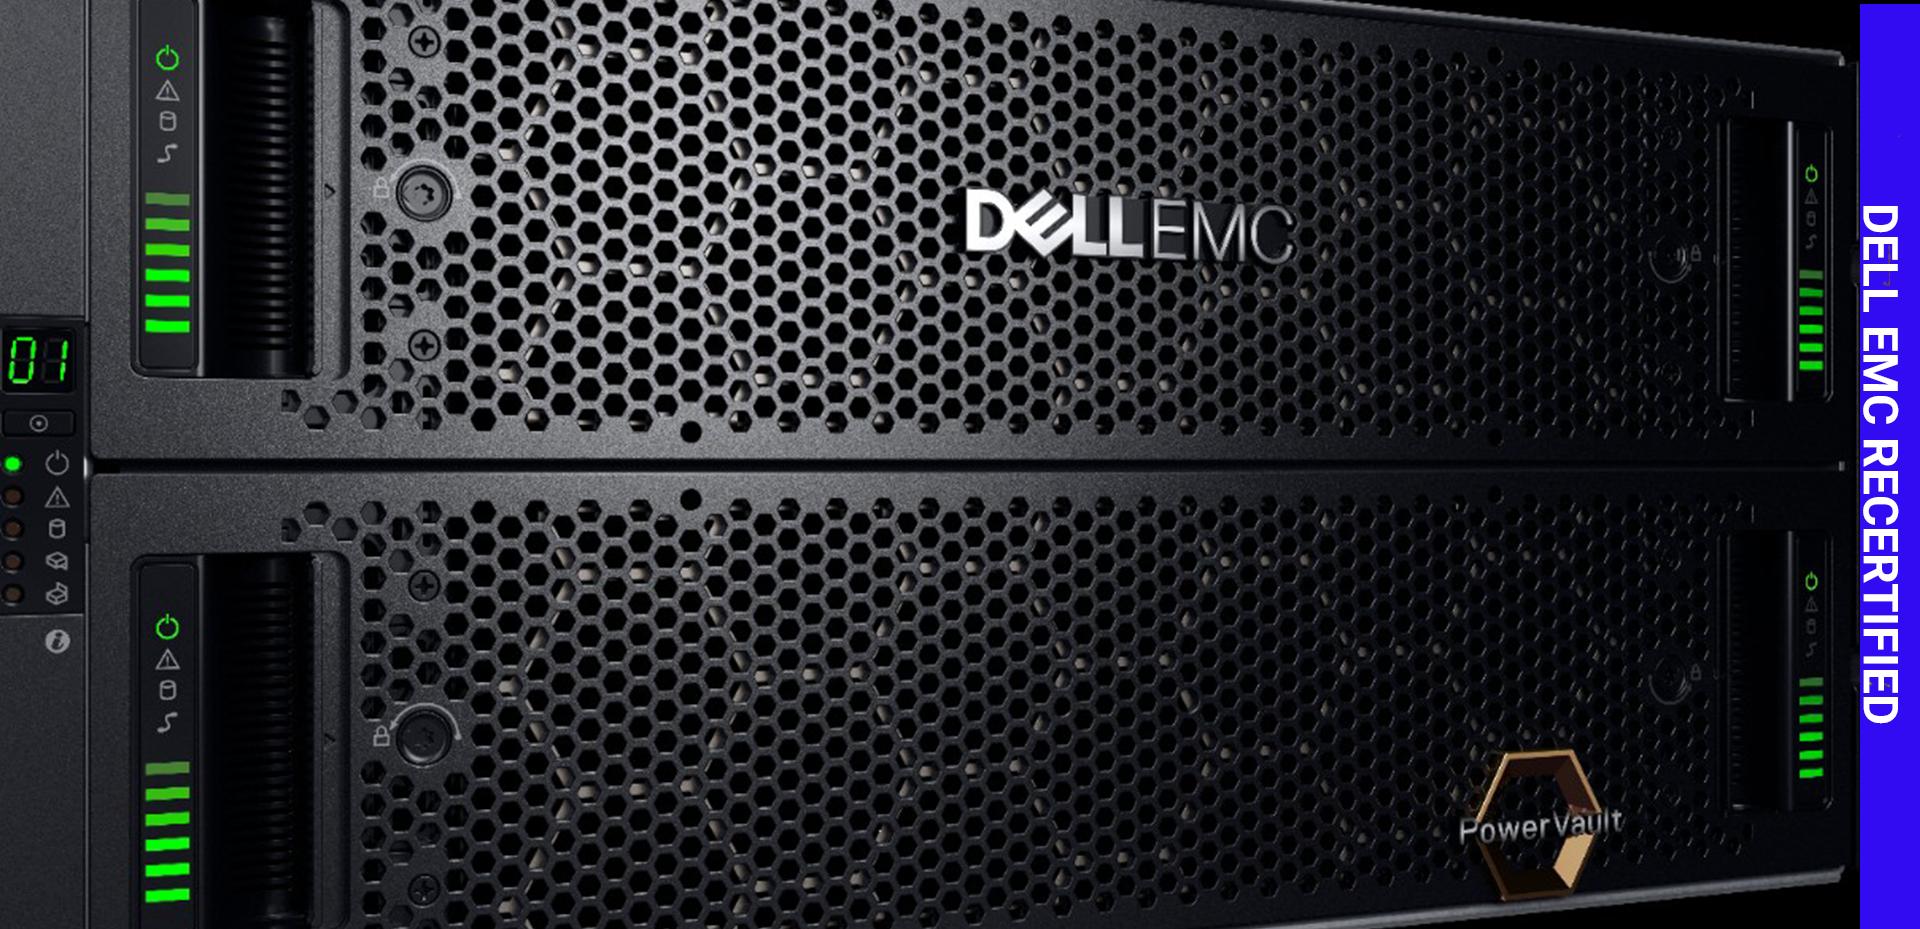 Dell EMC PowerVault